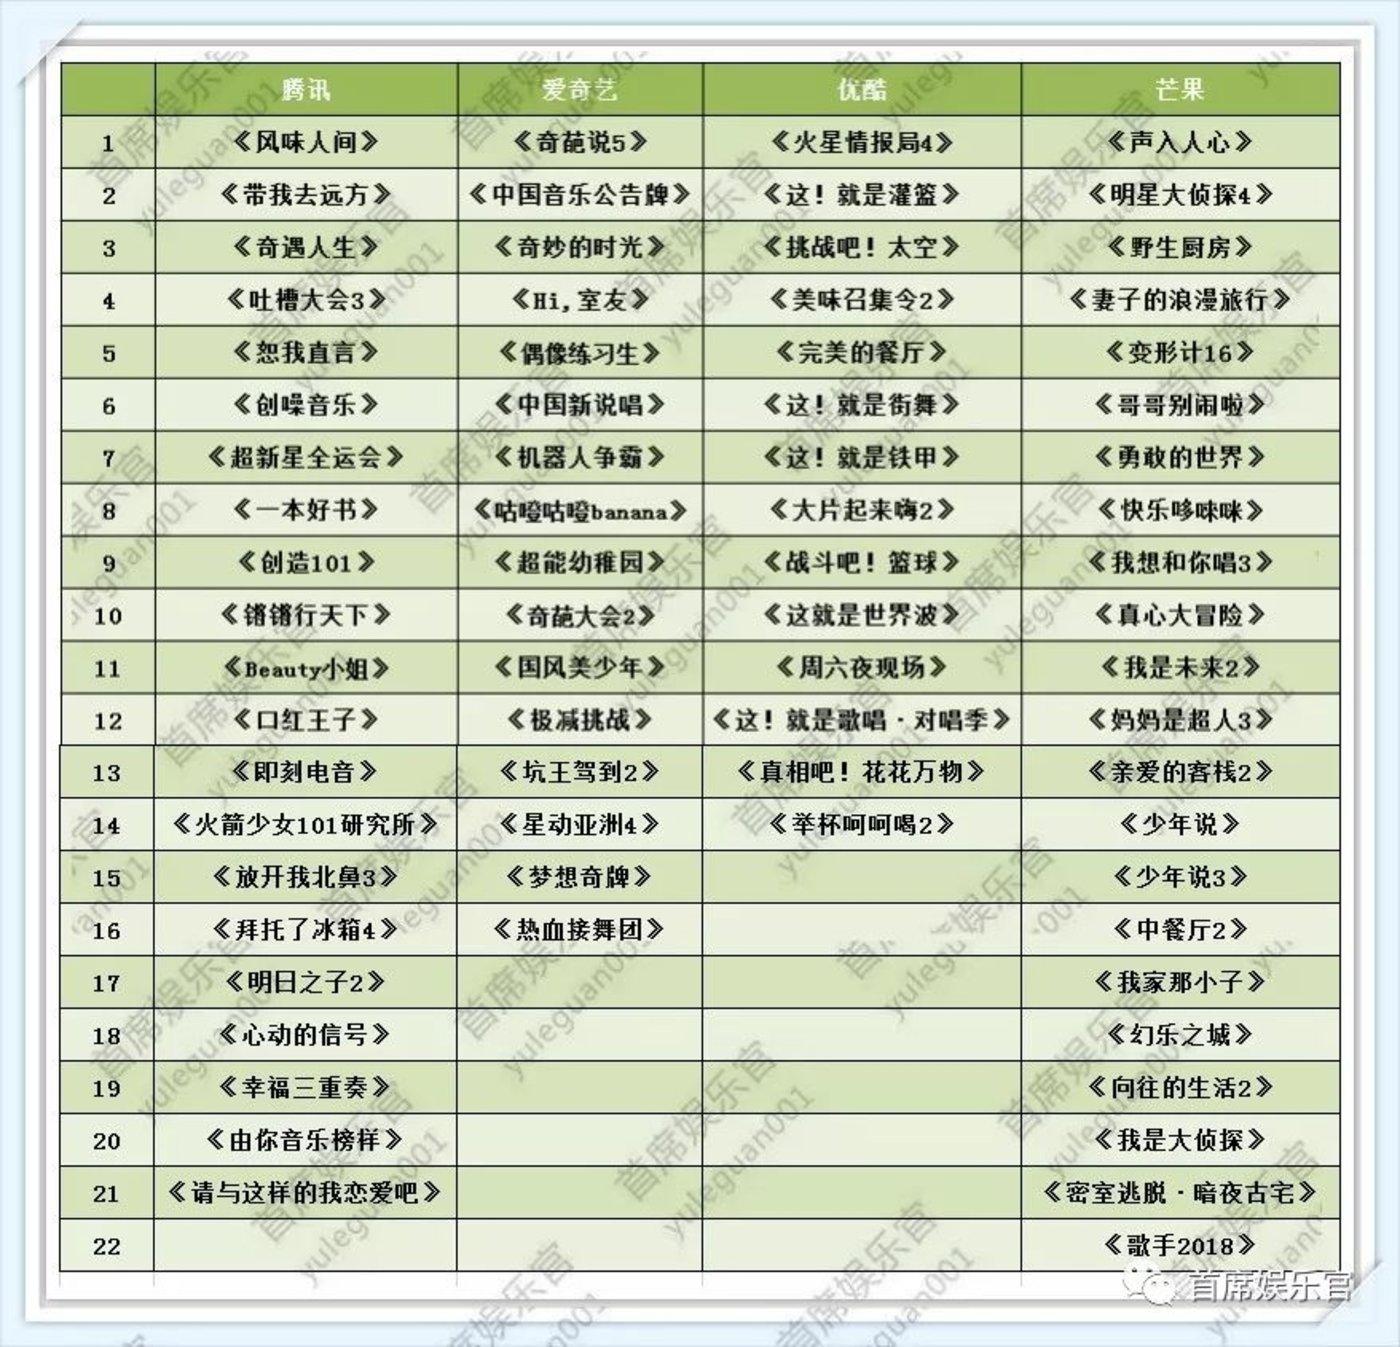 注:2018年腾讯、爱奇艺、优酷、芒果系自制综艺不完全统计(不包括衍生节目)